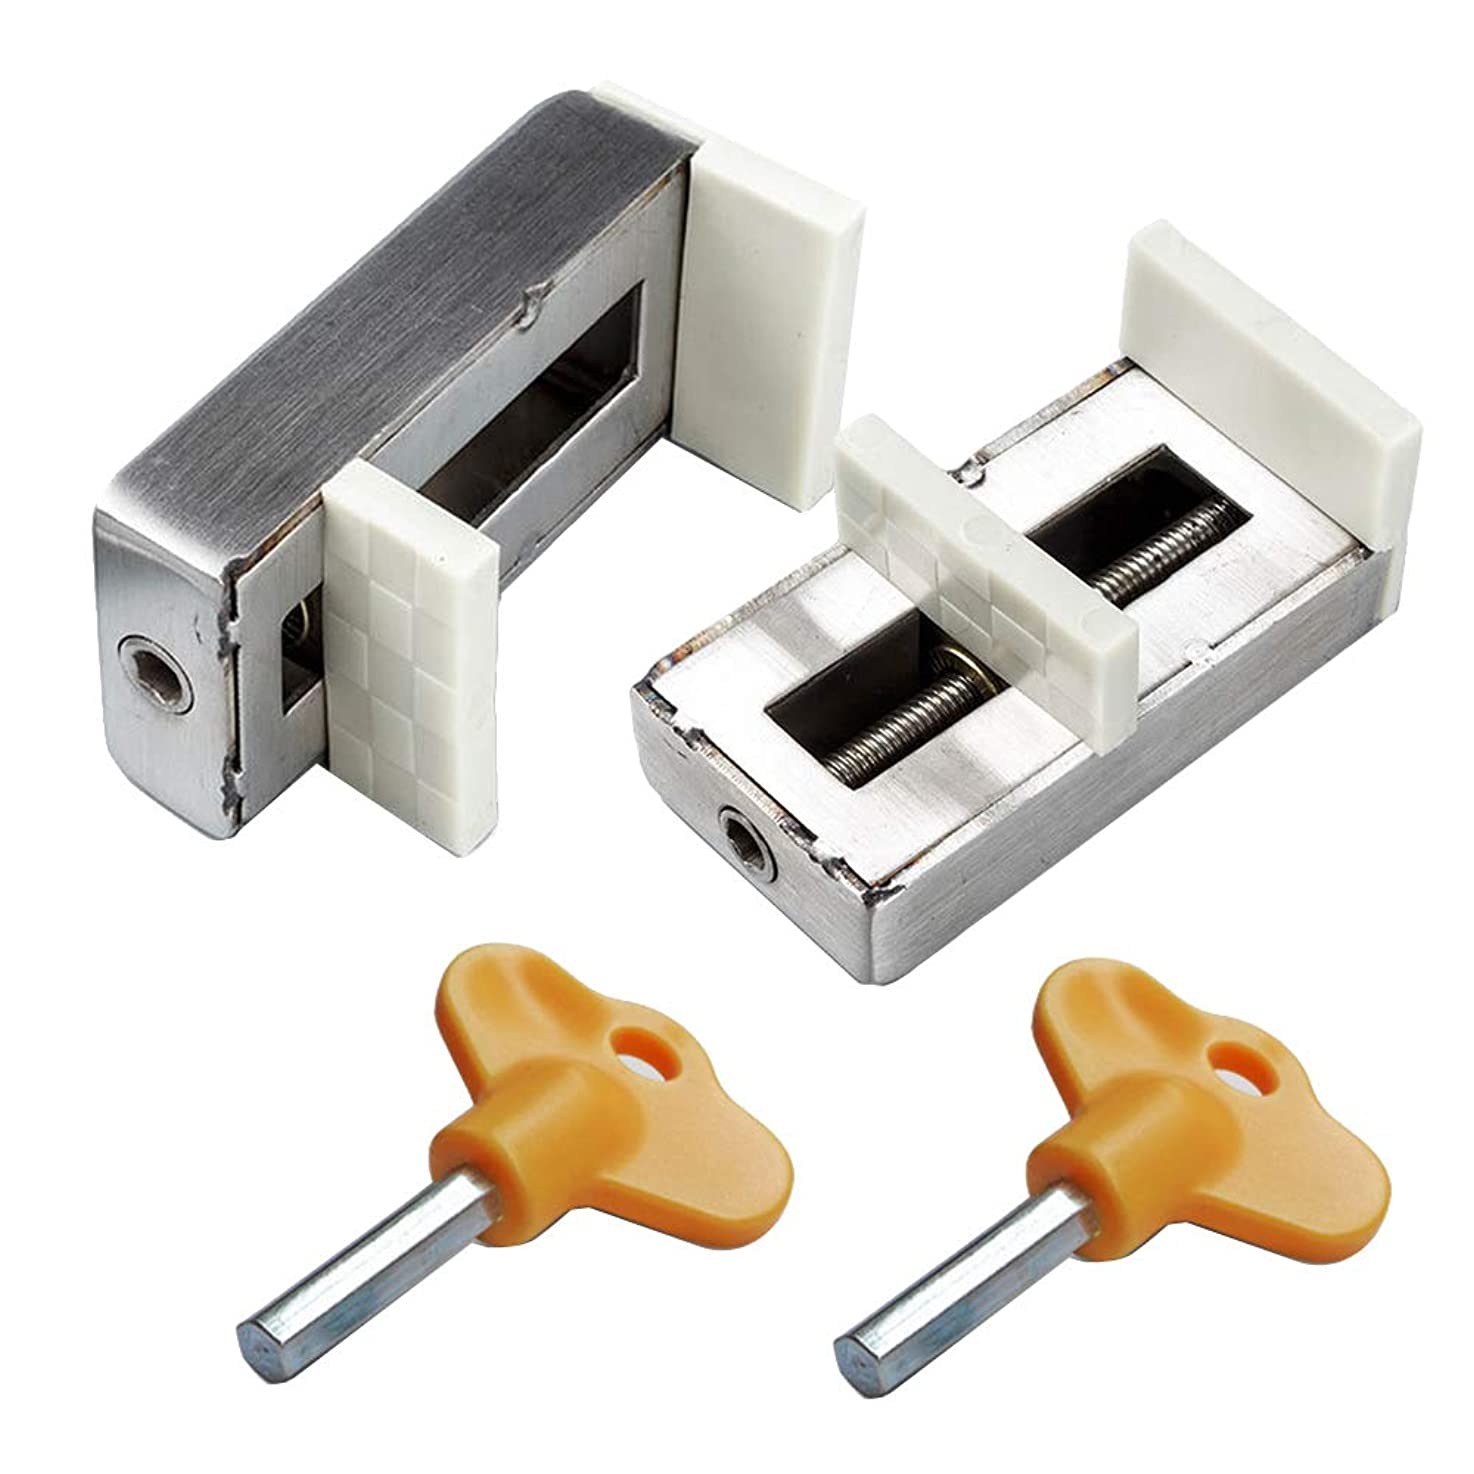 2 Pack Sliding Window Locks with Key Adjustable Range 3/8